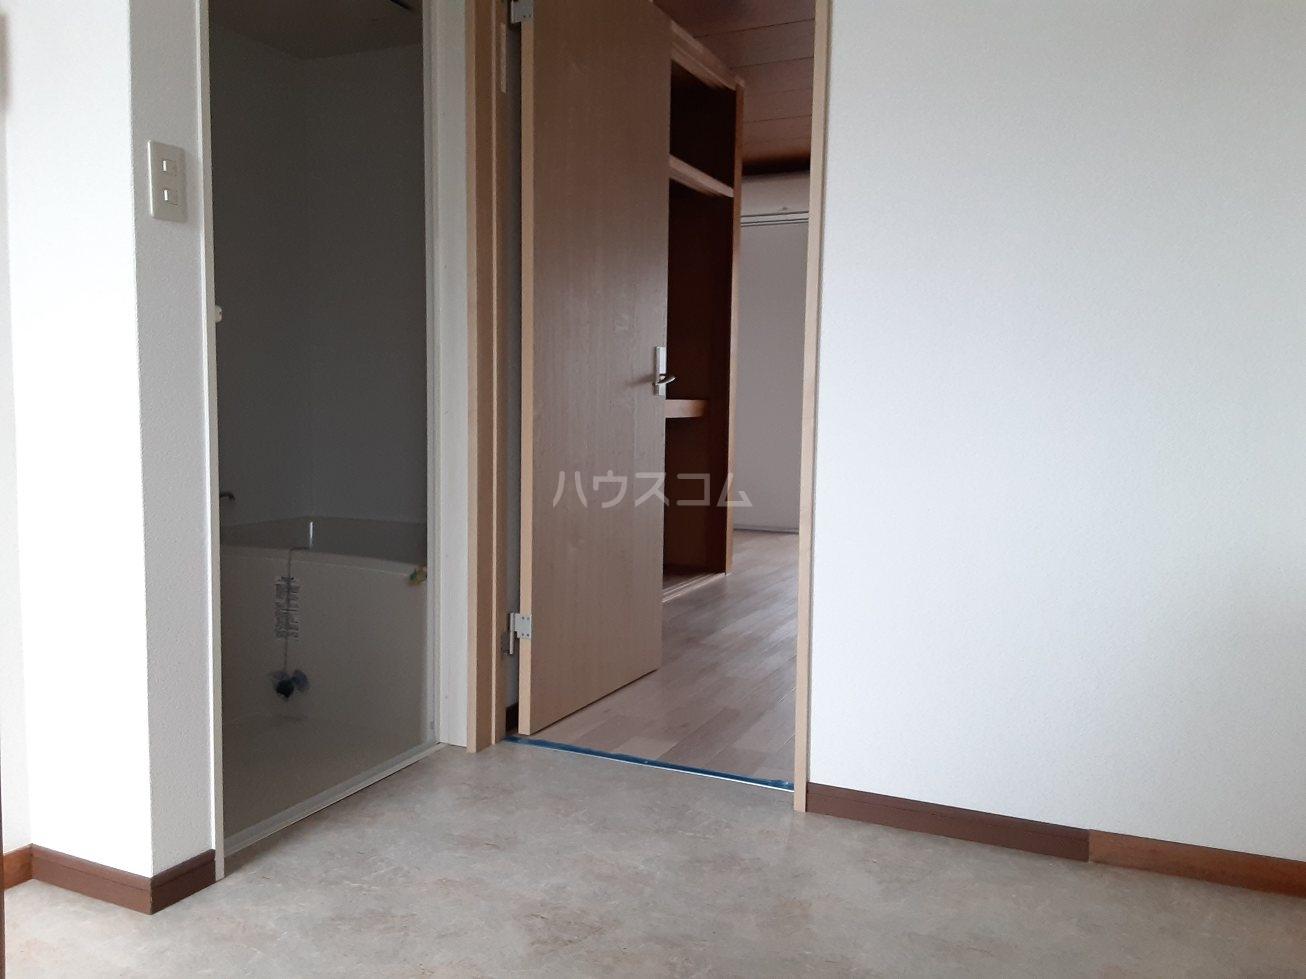 コーポ岩本 203号室の居室